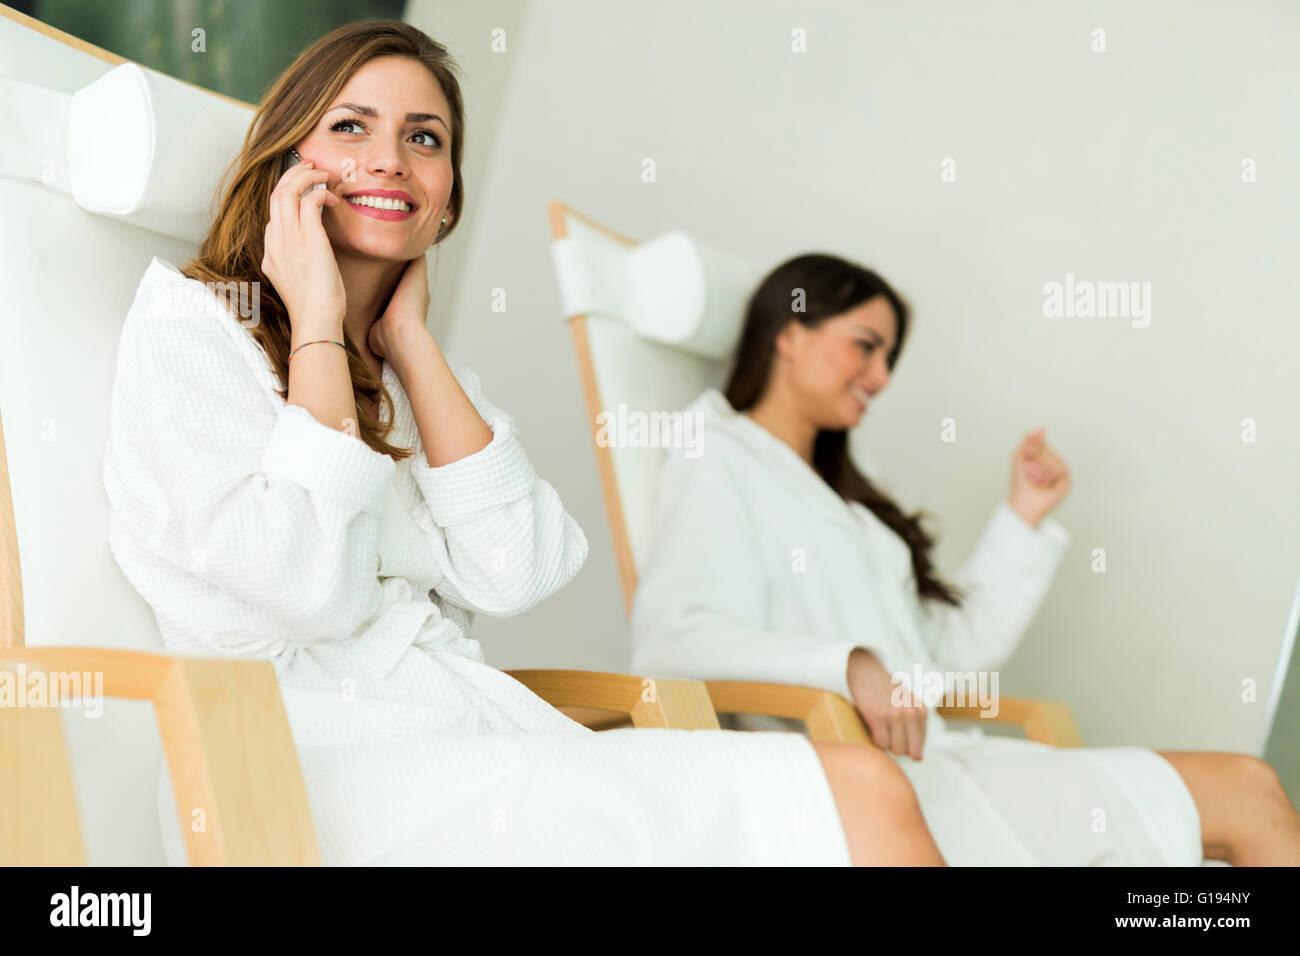 Junge und schöne Frauen Entspannung in einem Spa Roben tragen und am Telefon sprechen Stockbild